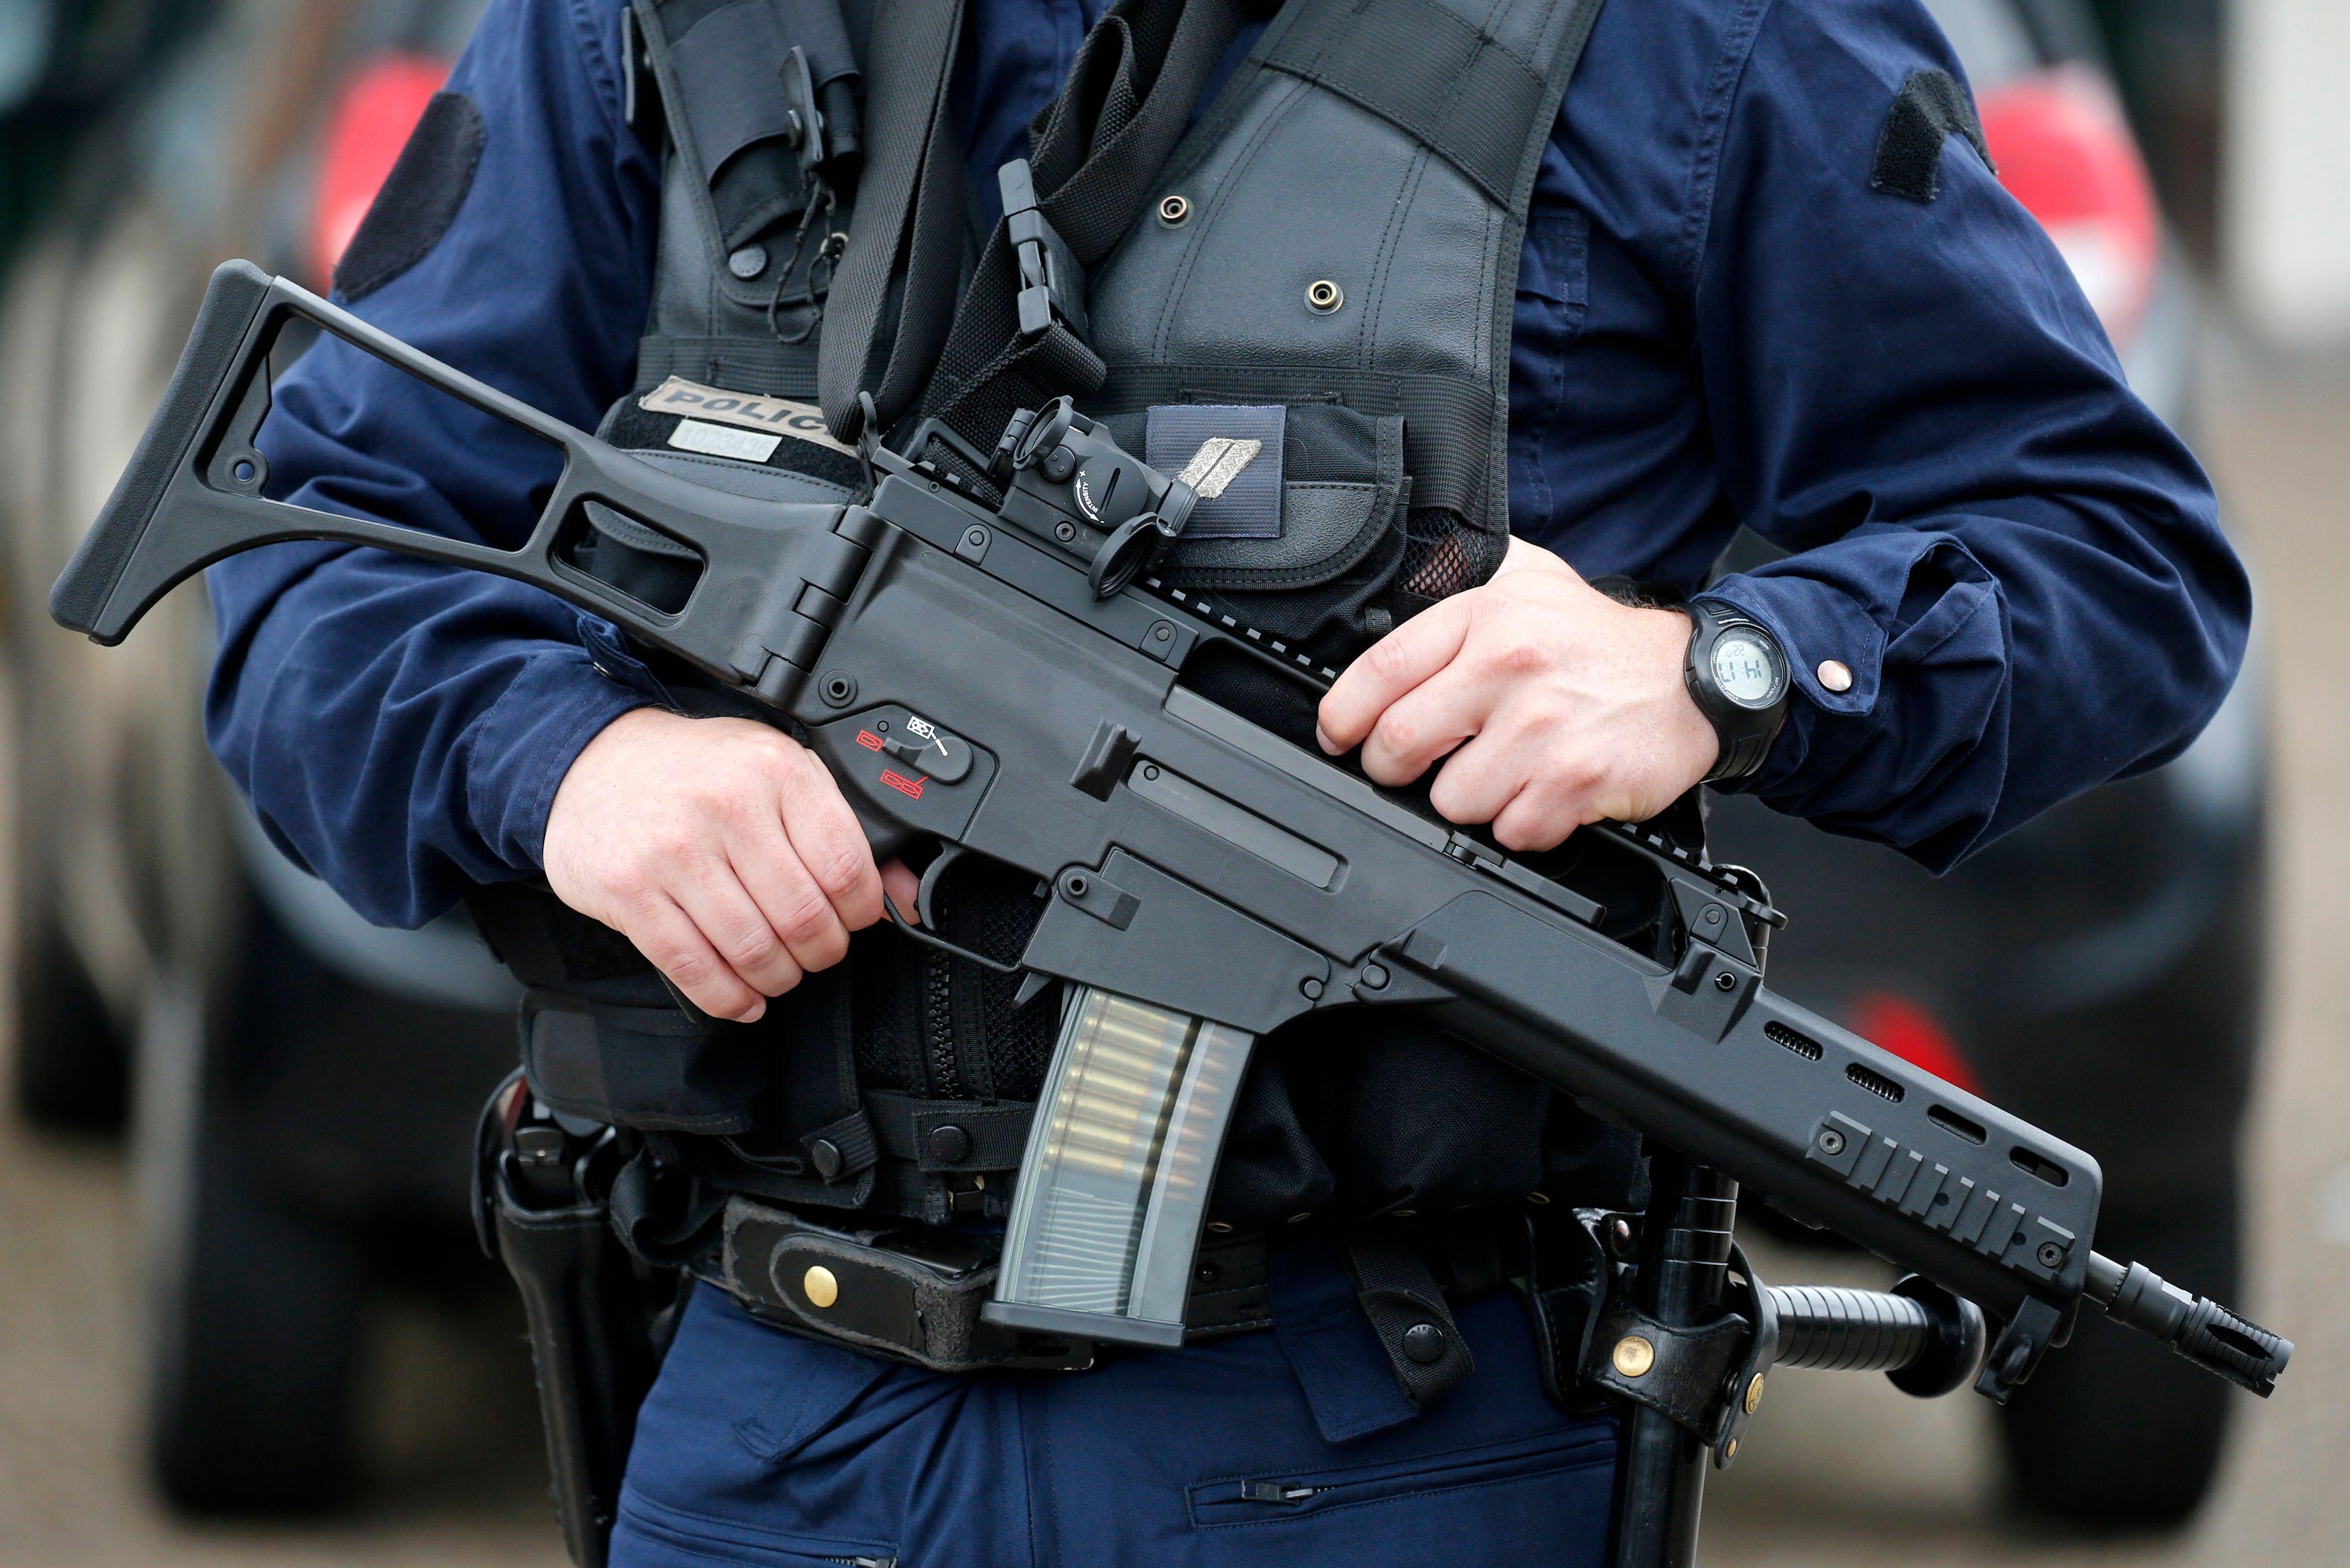 Aide aux victimes du terrorisme : les très mauvaises idées du gouvernement